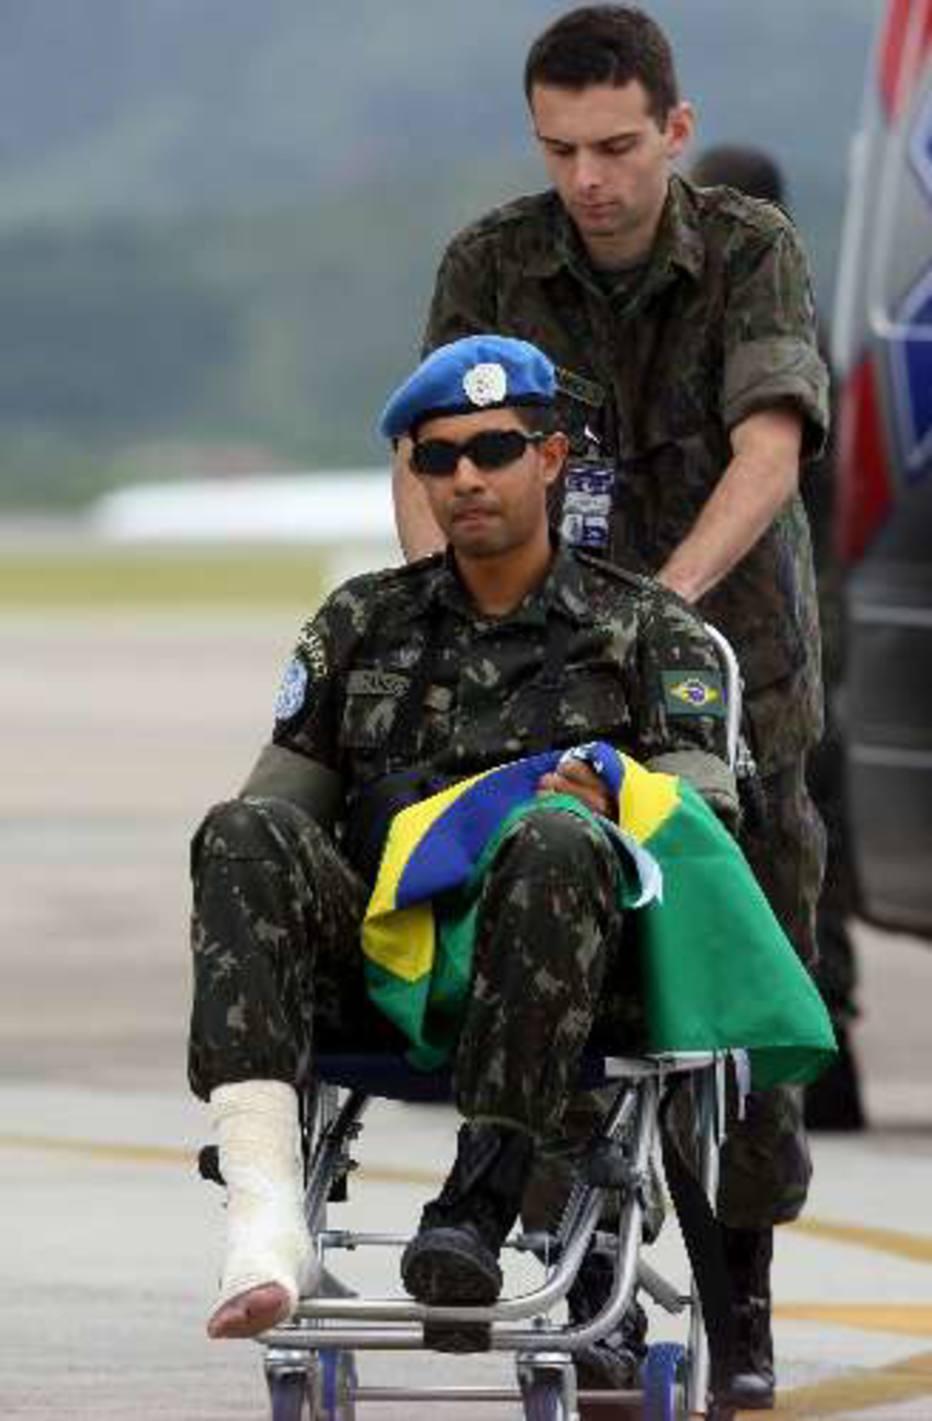 Militar ferido que estava no Haiti chega à Base Aérea de Guarulhos, SP